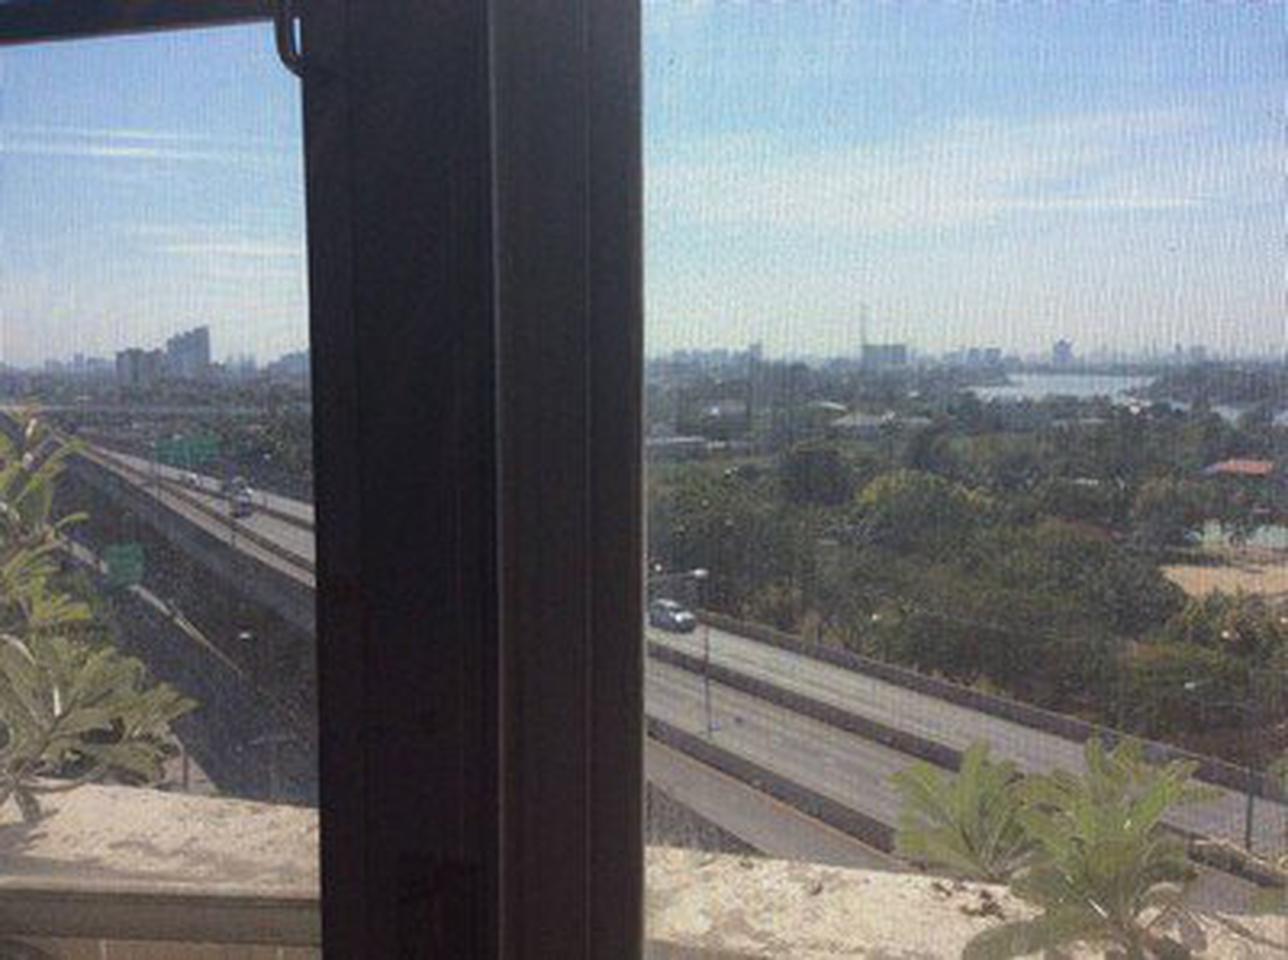 ขายคอนโดใกล้ สะพานพระนั่งเกล้า วิวแม่น้ำเจ้าพระยา รูปที่ 1